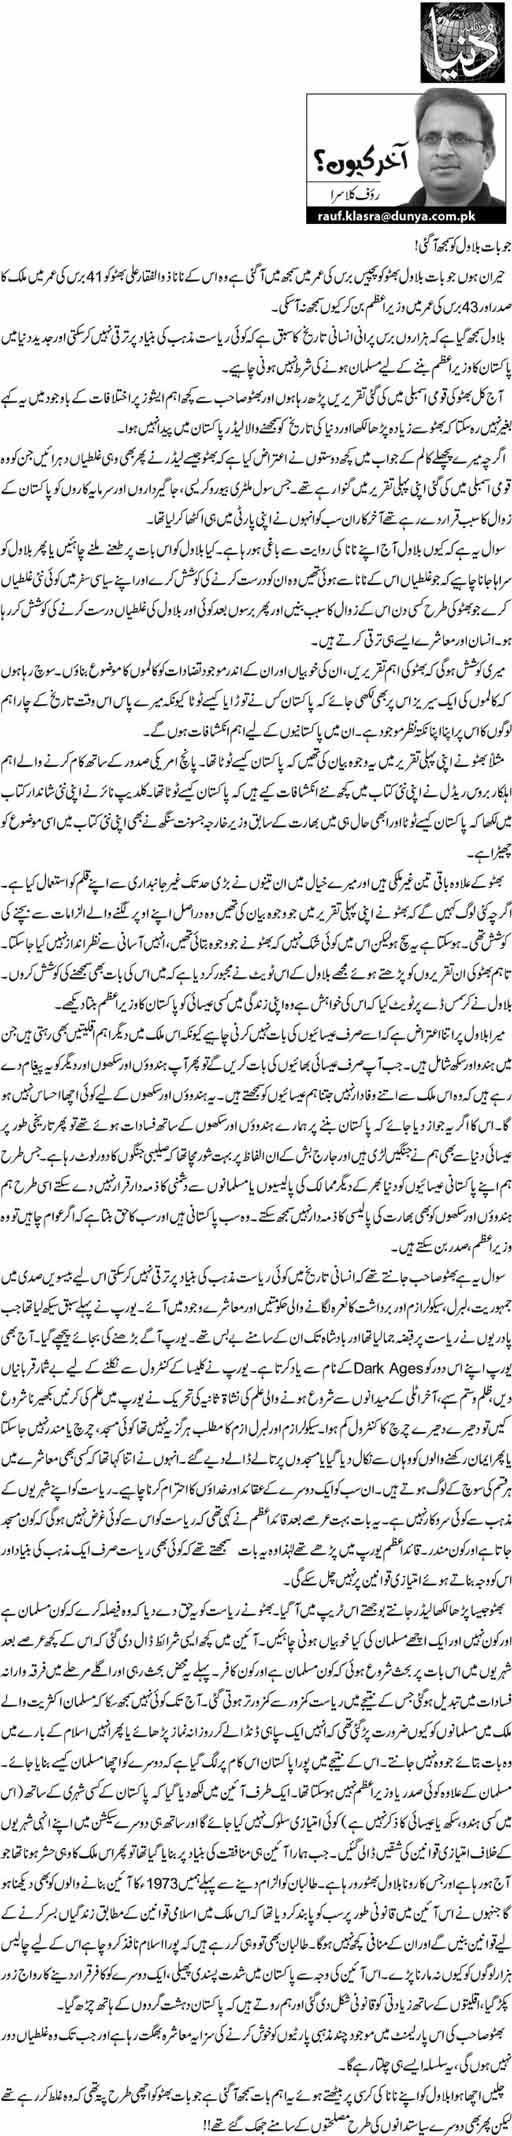 Jo Baat Bilawal Ko Samajh aa Gai! - Rauf Klasra